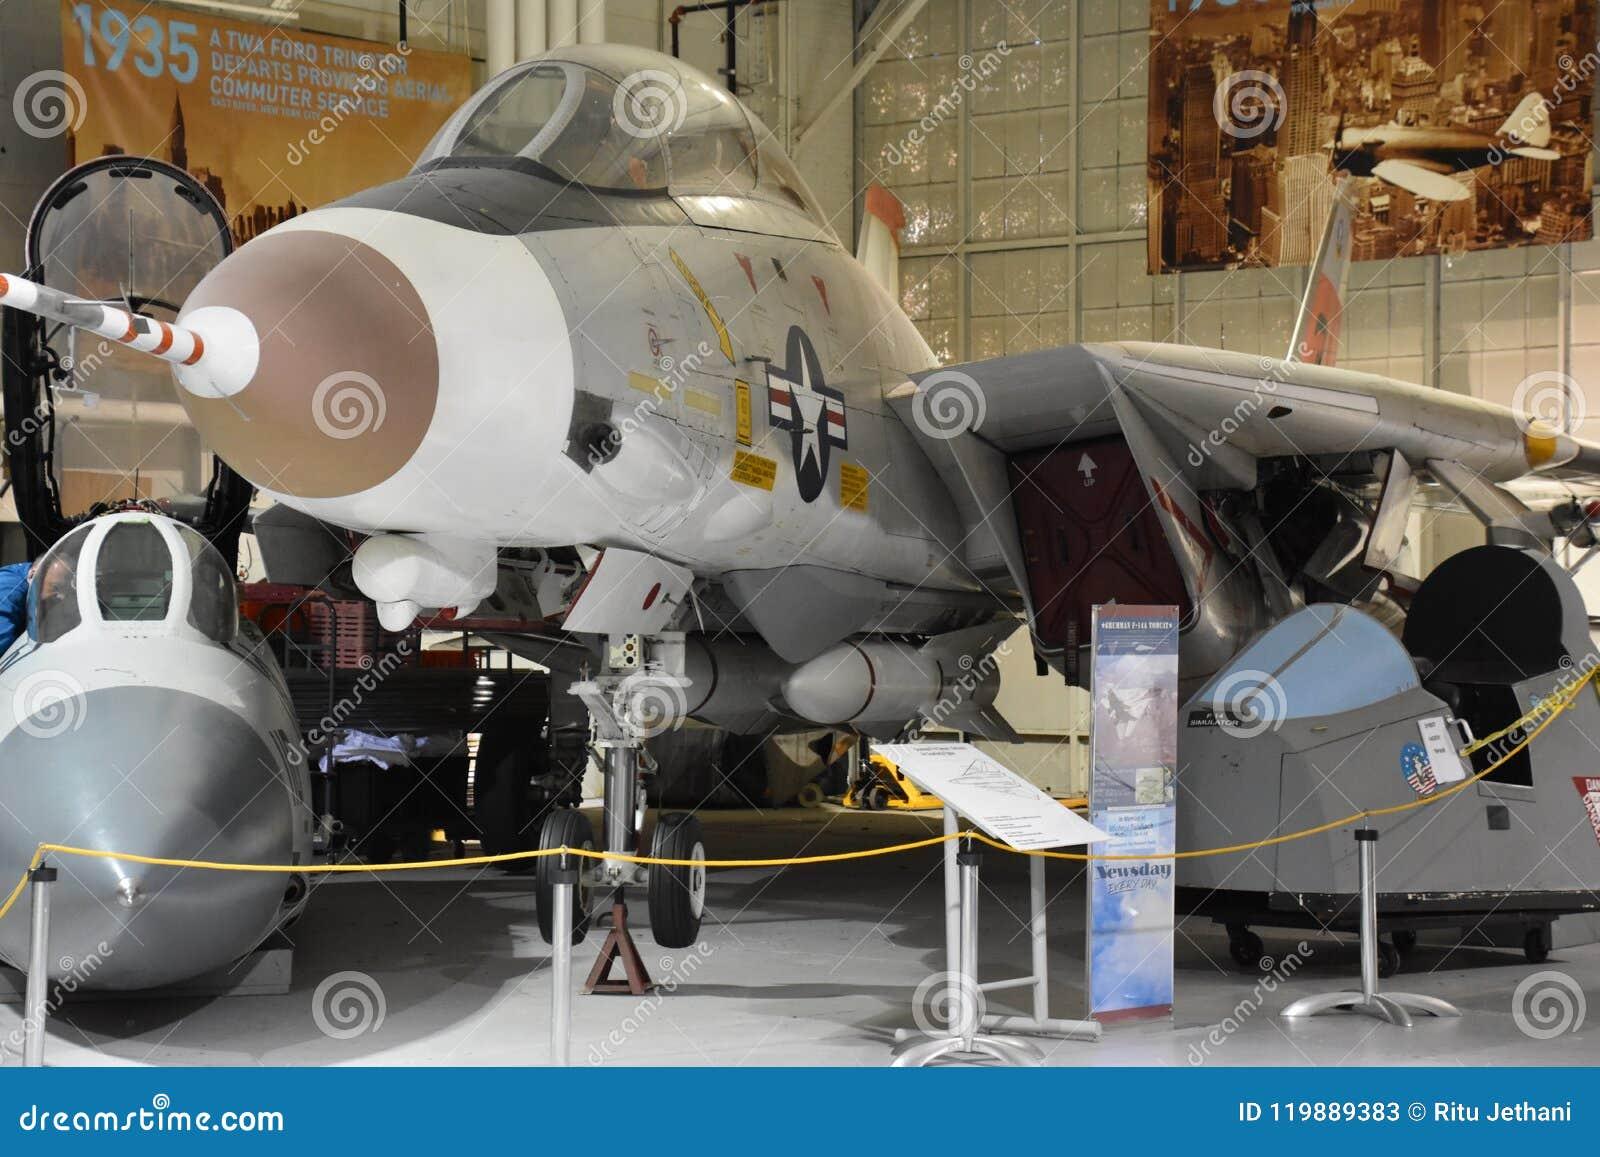 Wiege des Luftfahrt-Museums auf Long Island in New York, USA